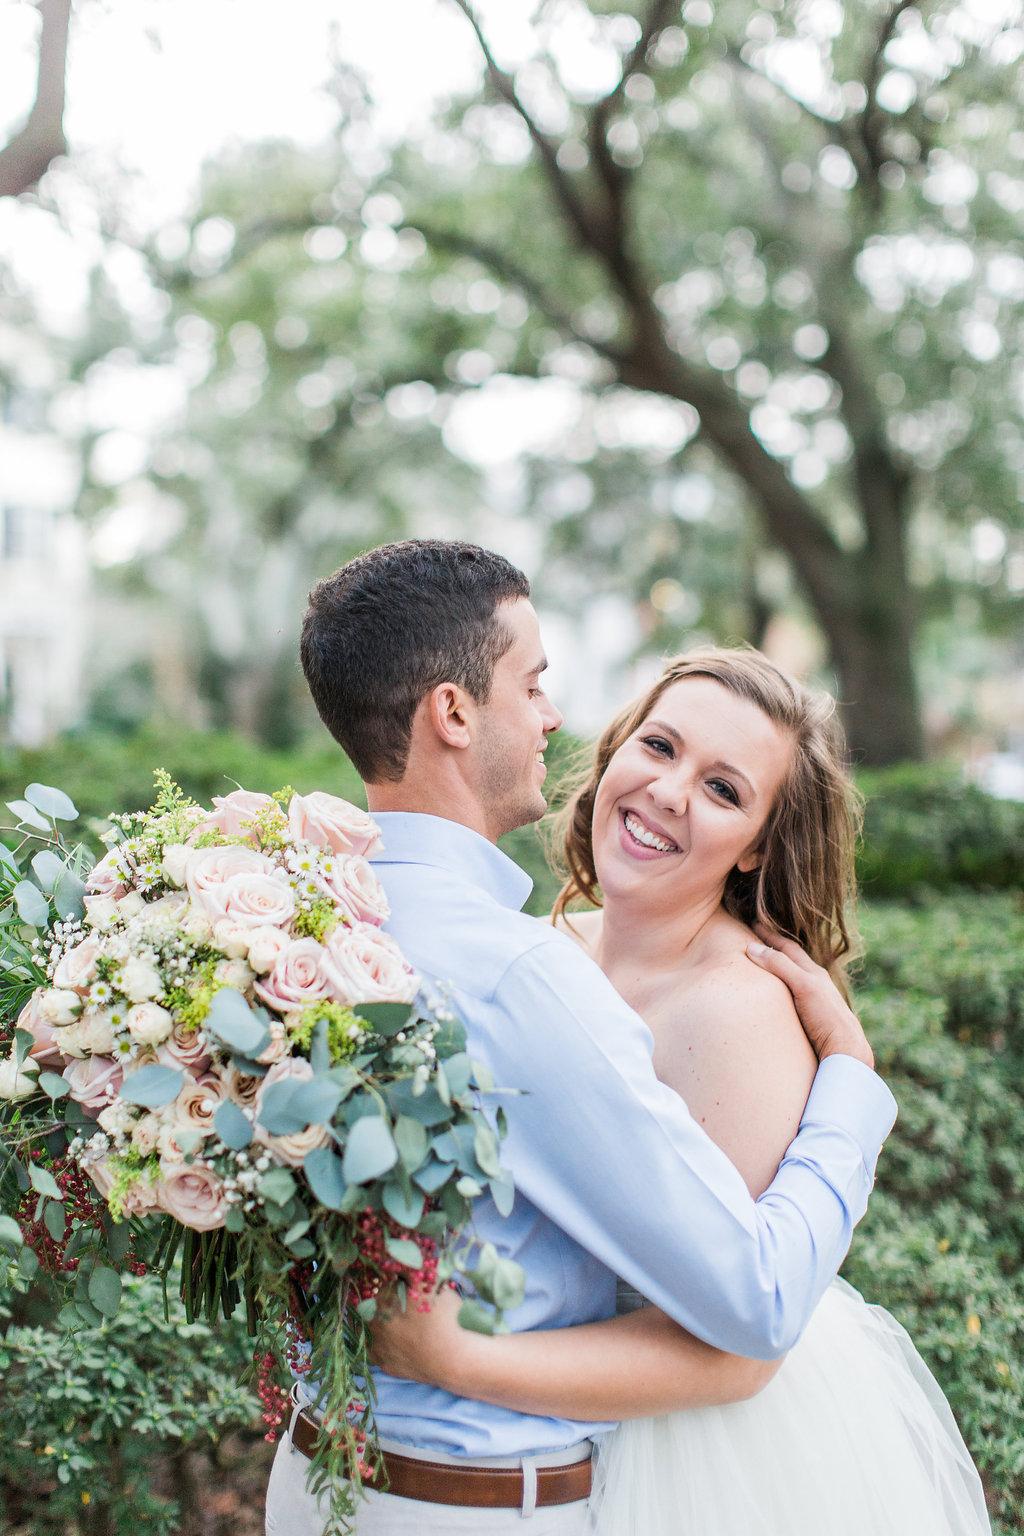 Savannah_Wedding_Photography_AptBPhotography_Elopements470.JPG